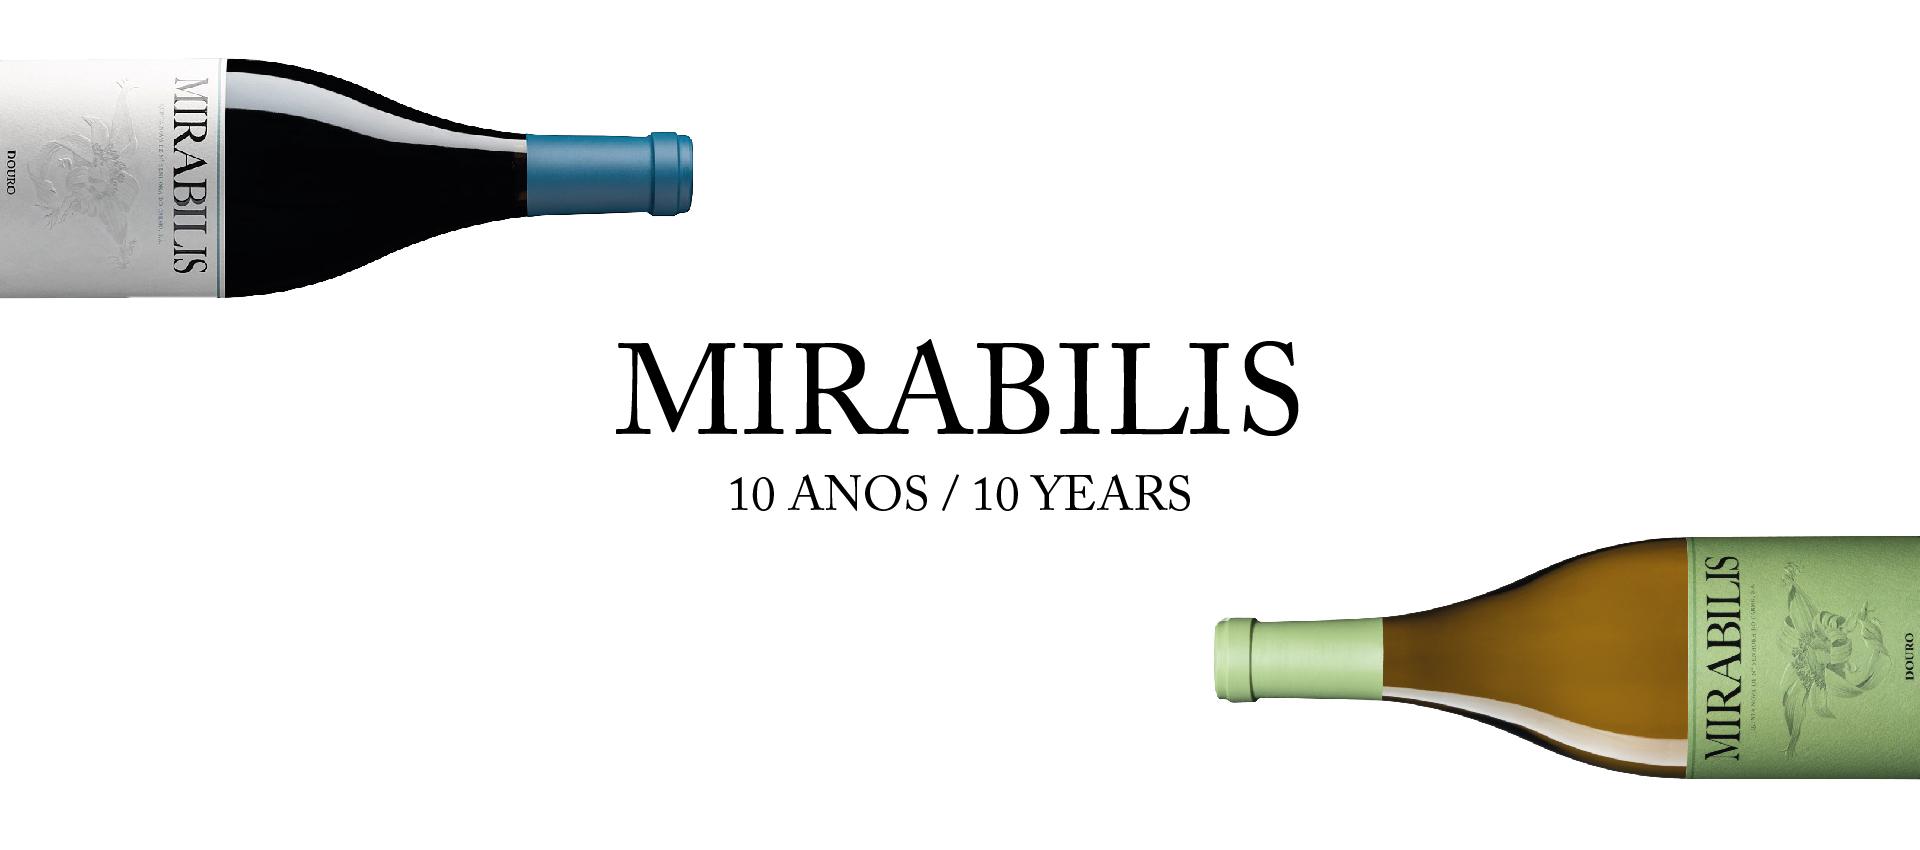 Mirabilis celebra 10 anos